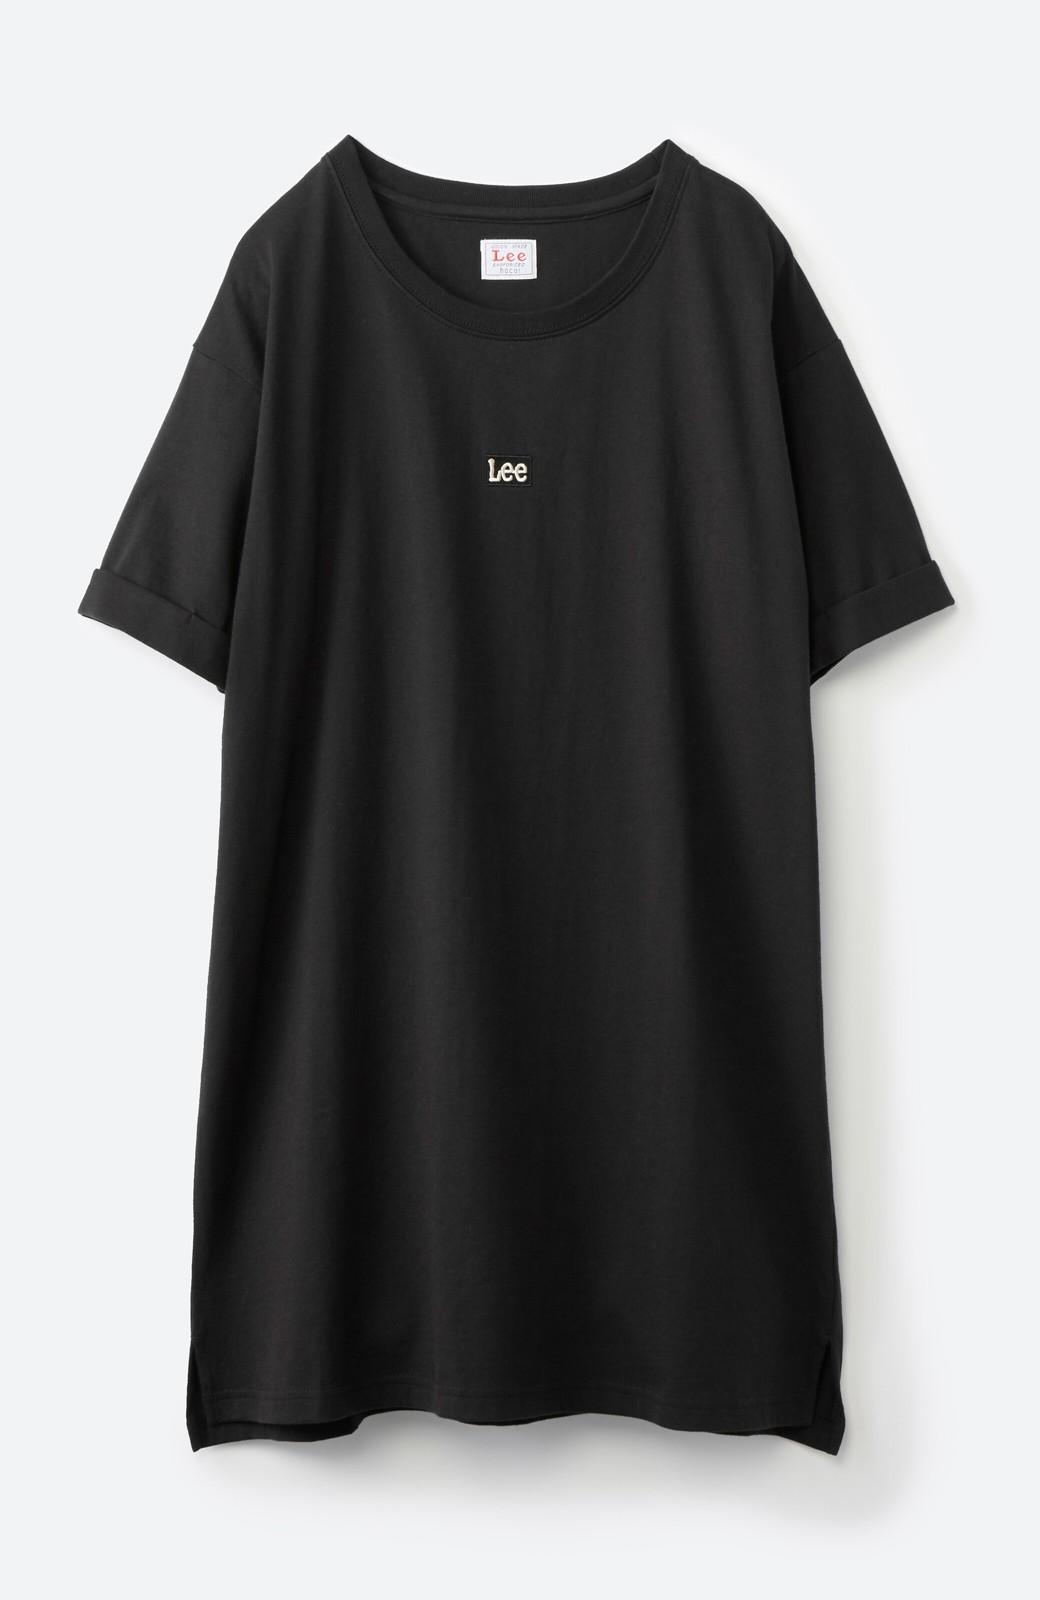 haco! 別注Lee ベルトでウエストマークしてもかわいいチュニックTシャツ <ブラック>の商品写真15